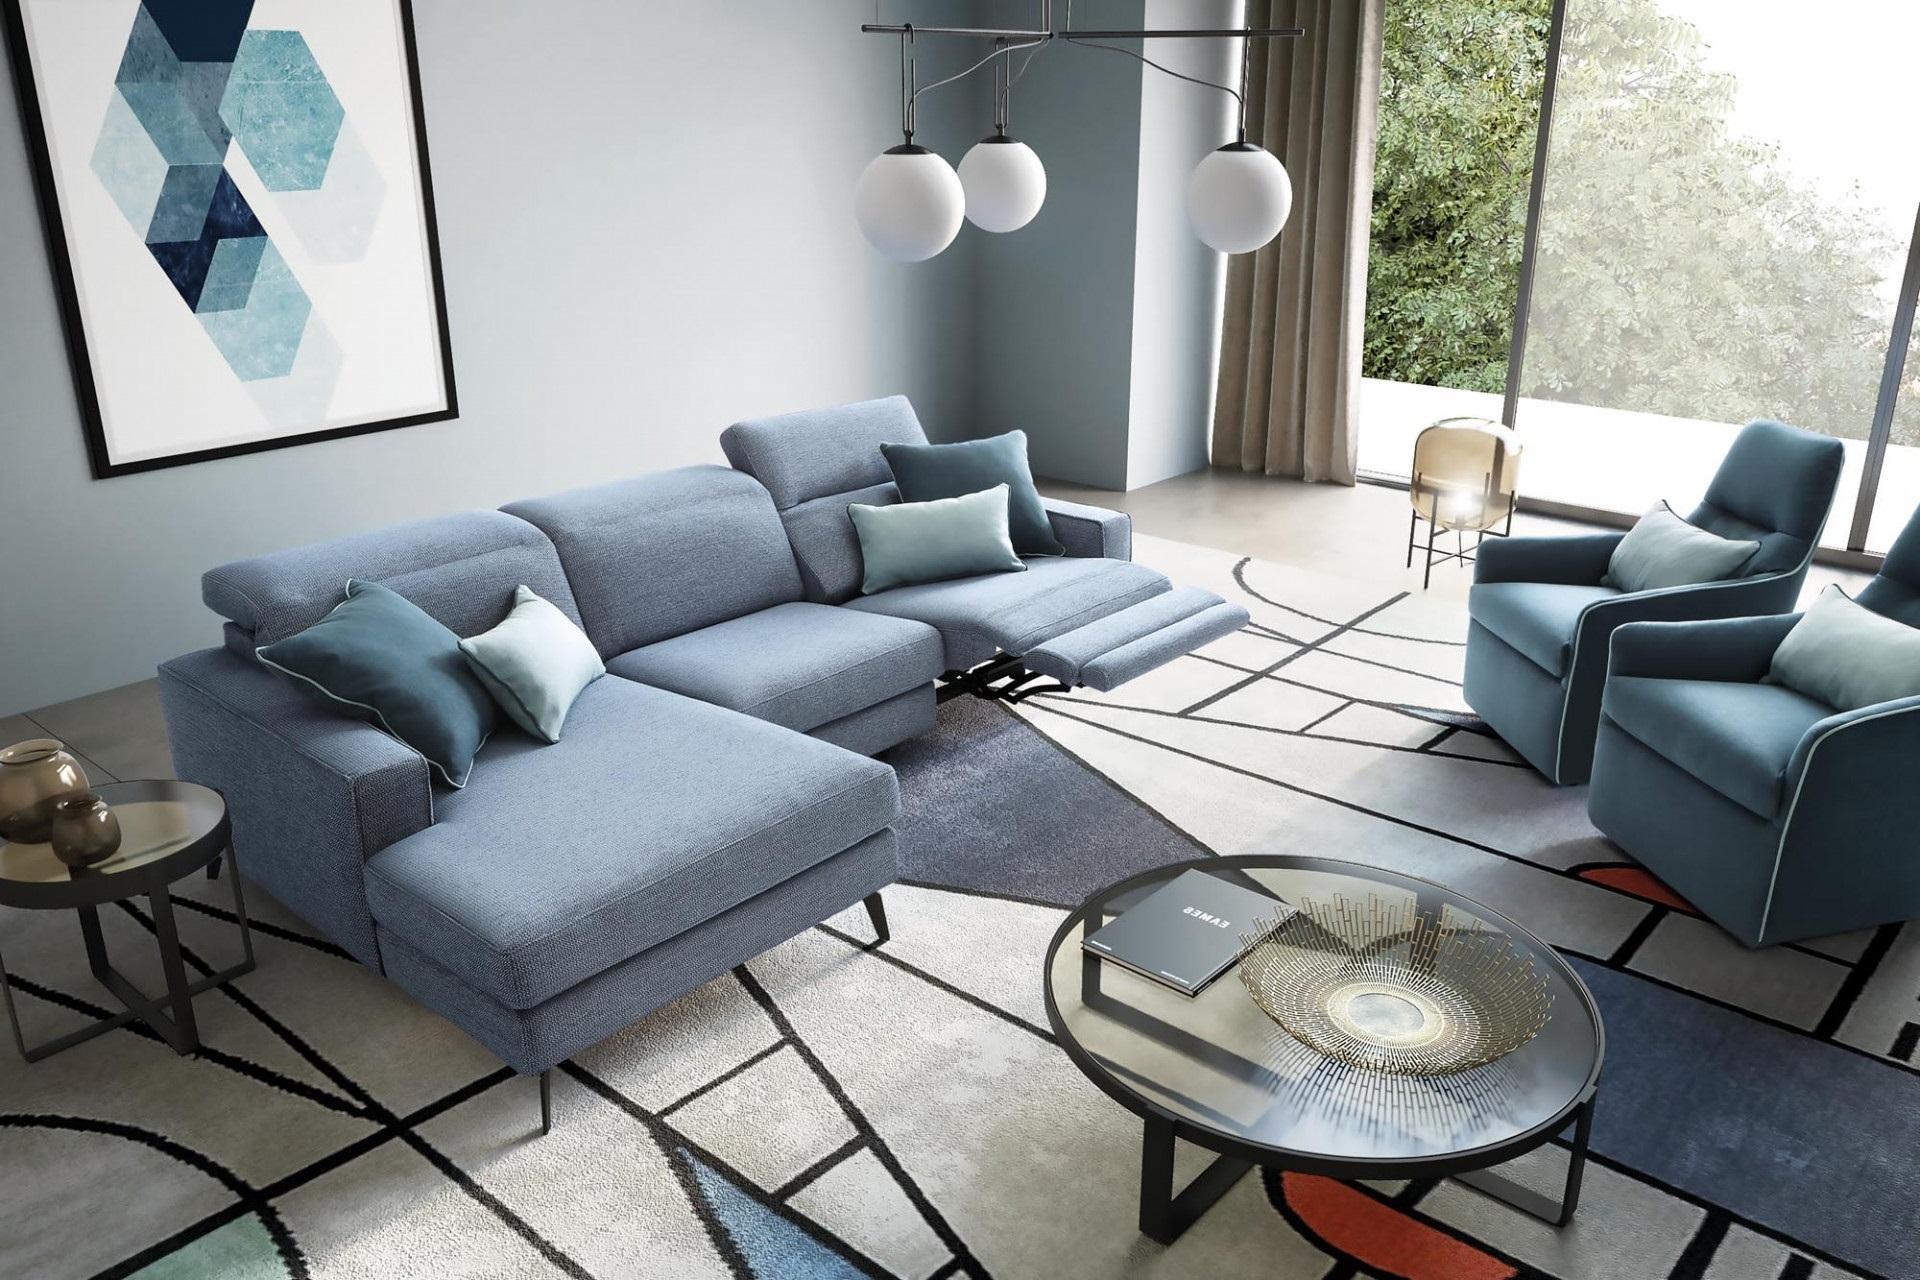 Coltar fix cu mecanism Relax, cu sezlong pe stanga, tapitat cu stofa, Christopher Albastru, l275xA158xH78 cm imagine